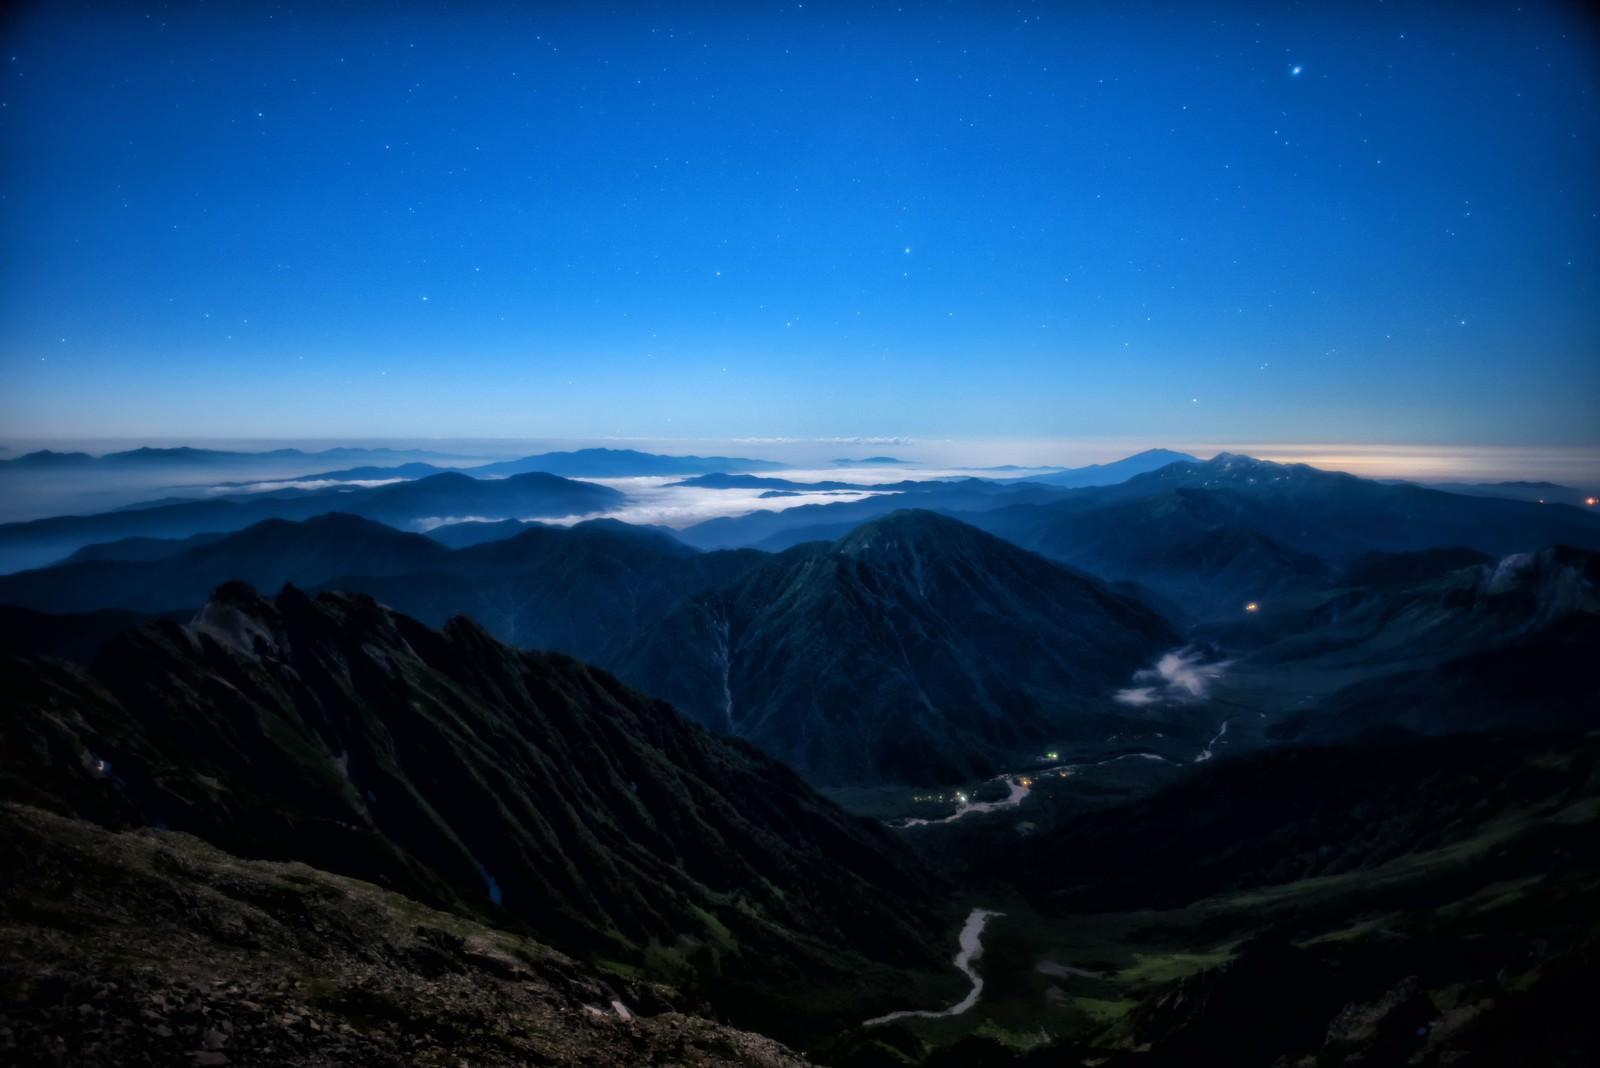 「月明かりに包まれる上高地の絶景」の写真